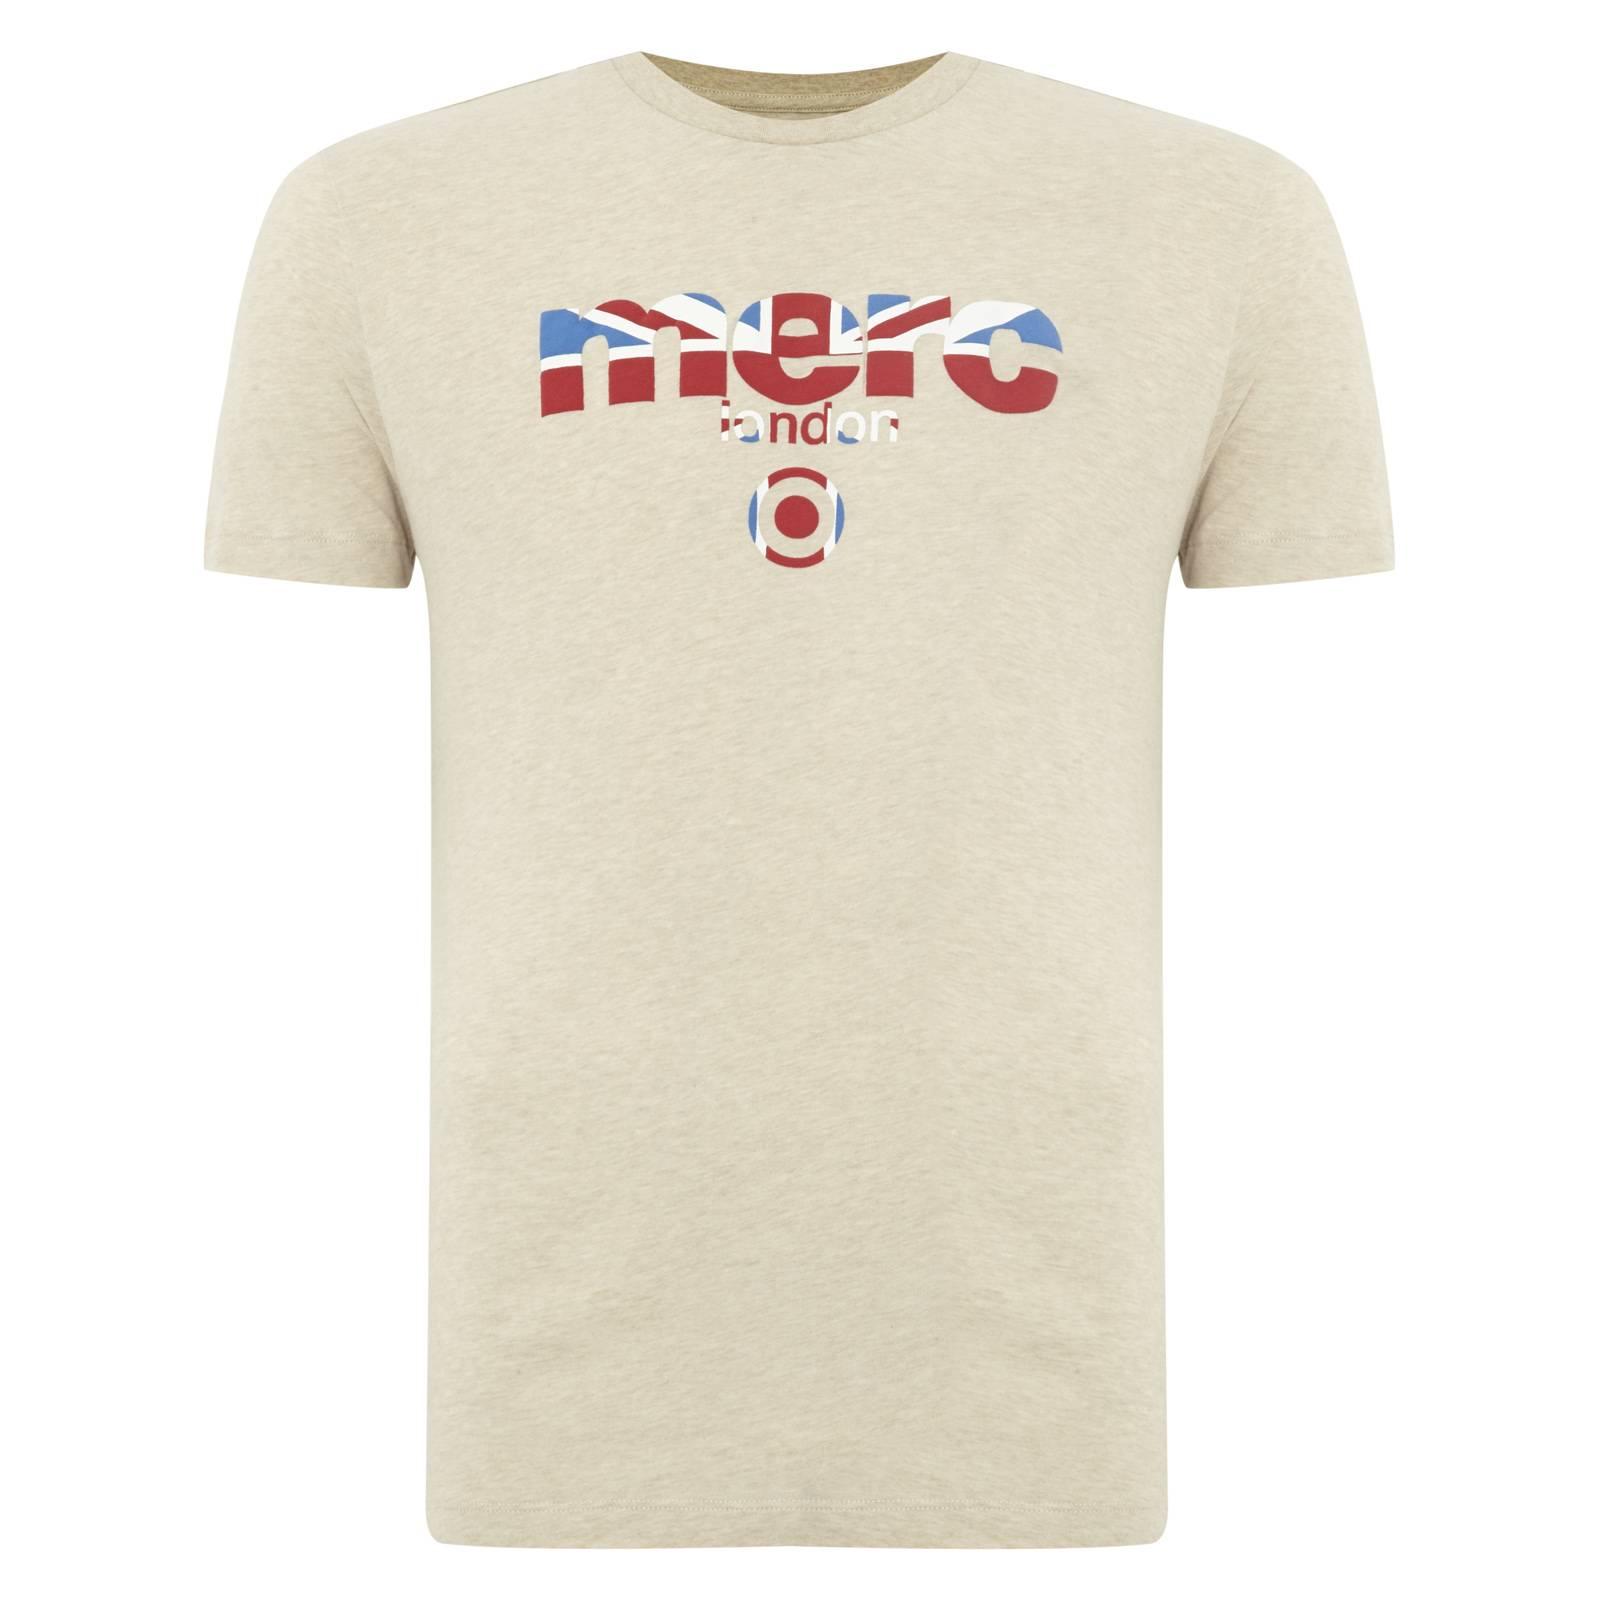 Merc London Футболка Broadwell • 1709210